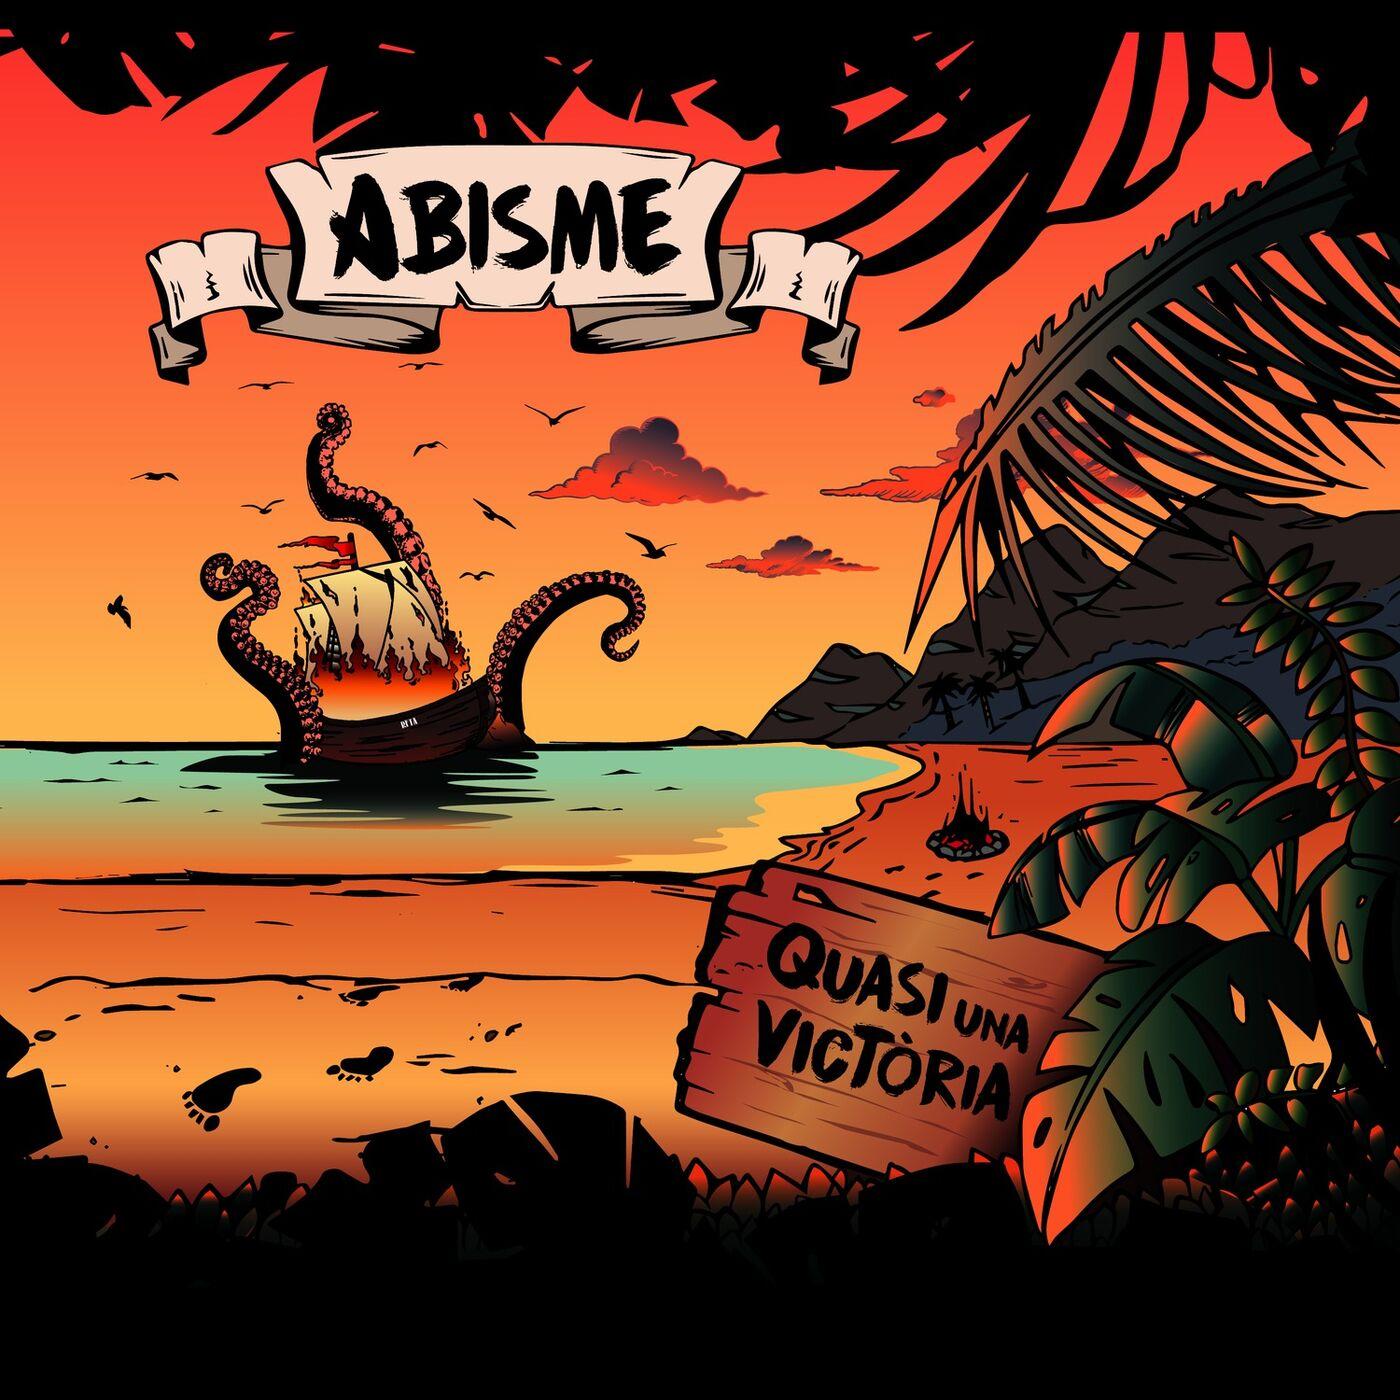 Abisme - Quasi una Victòria (2019)